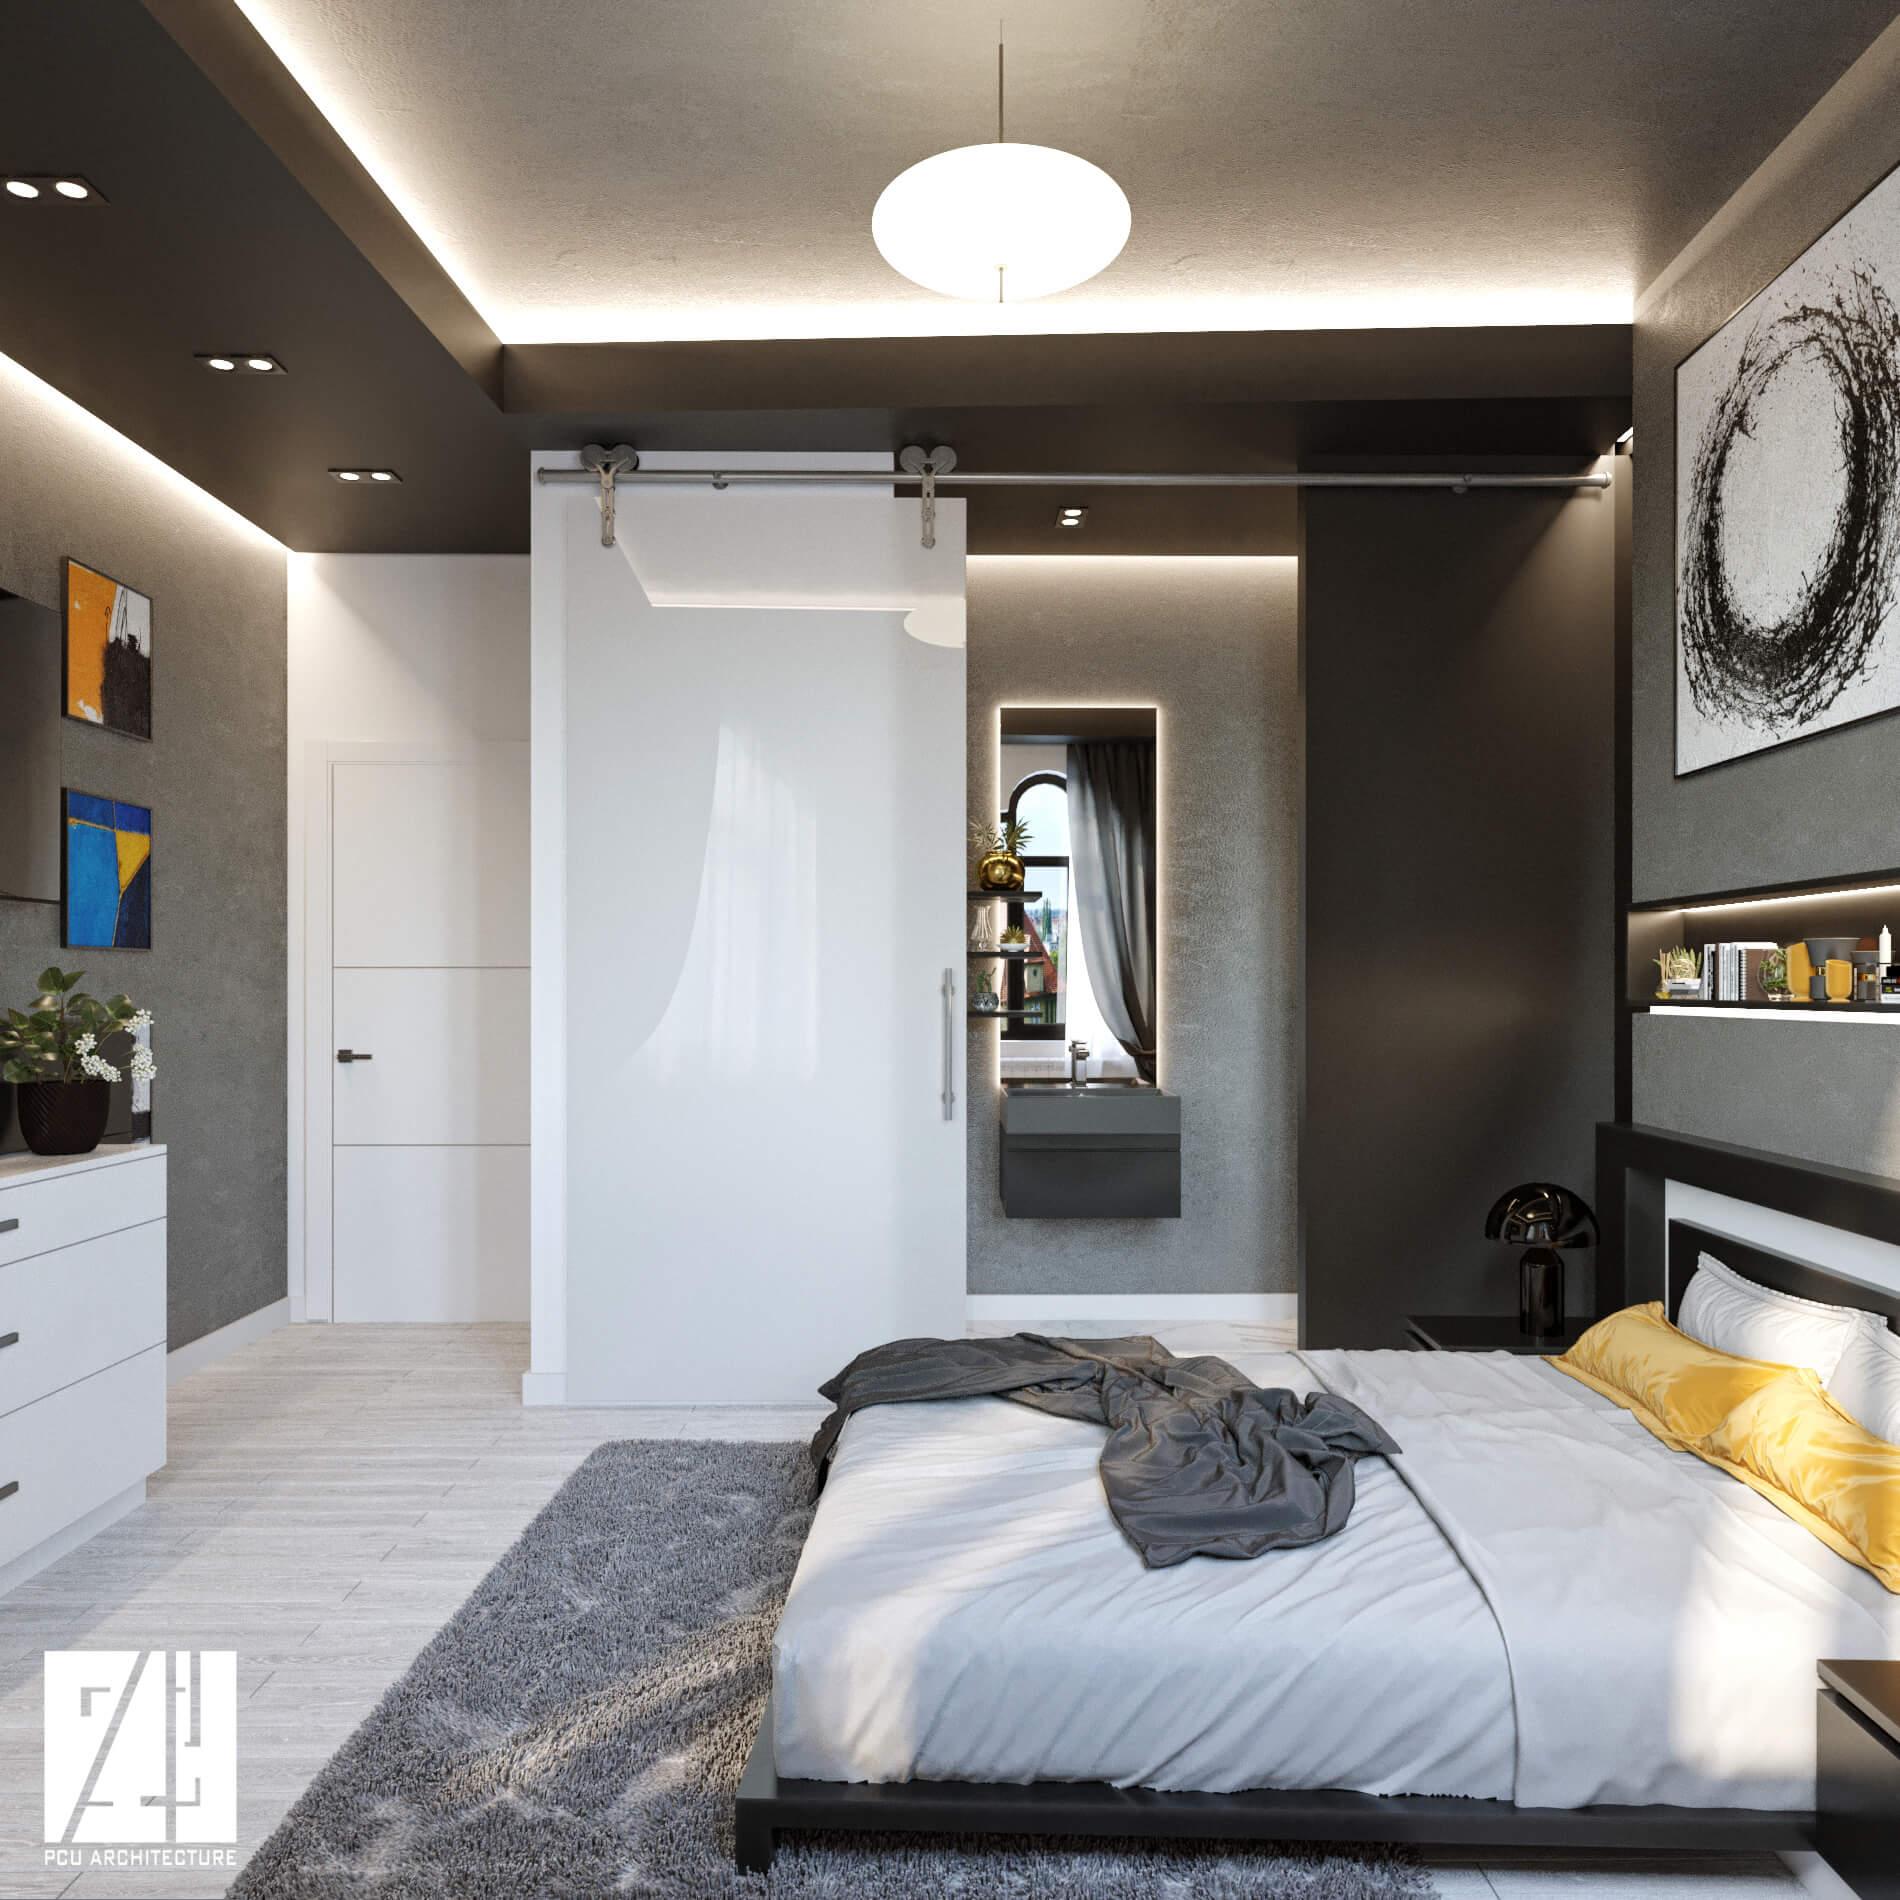 02_DI_APARTAMENT 2_Dormitor_4